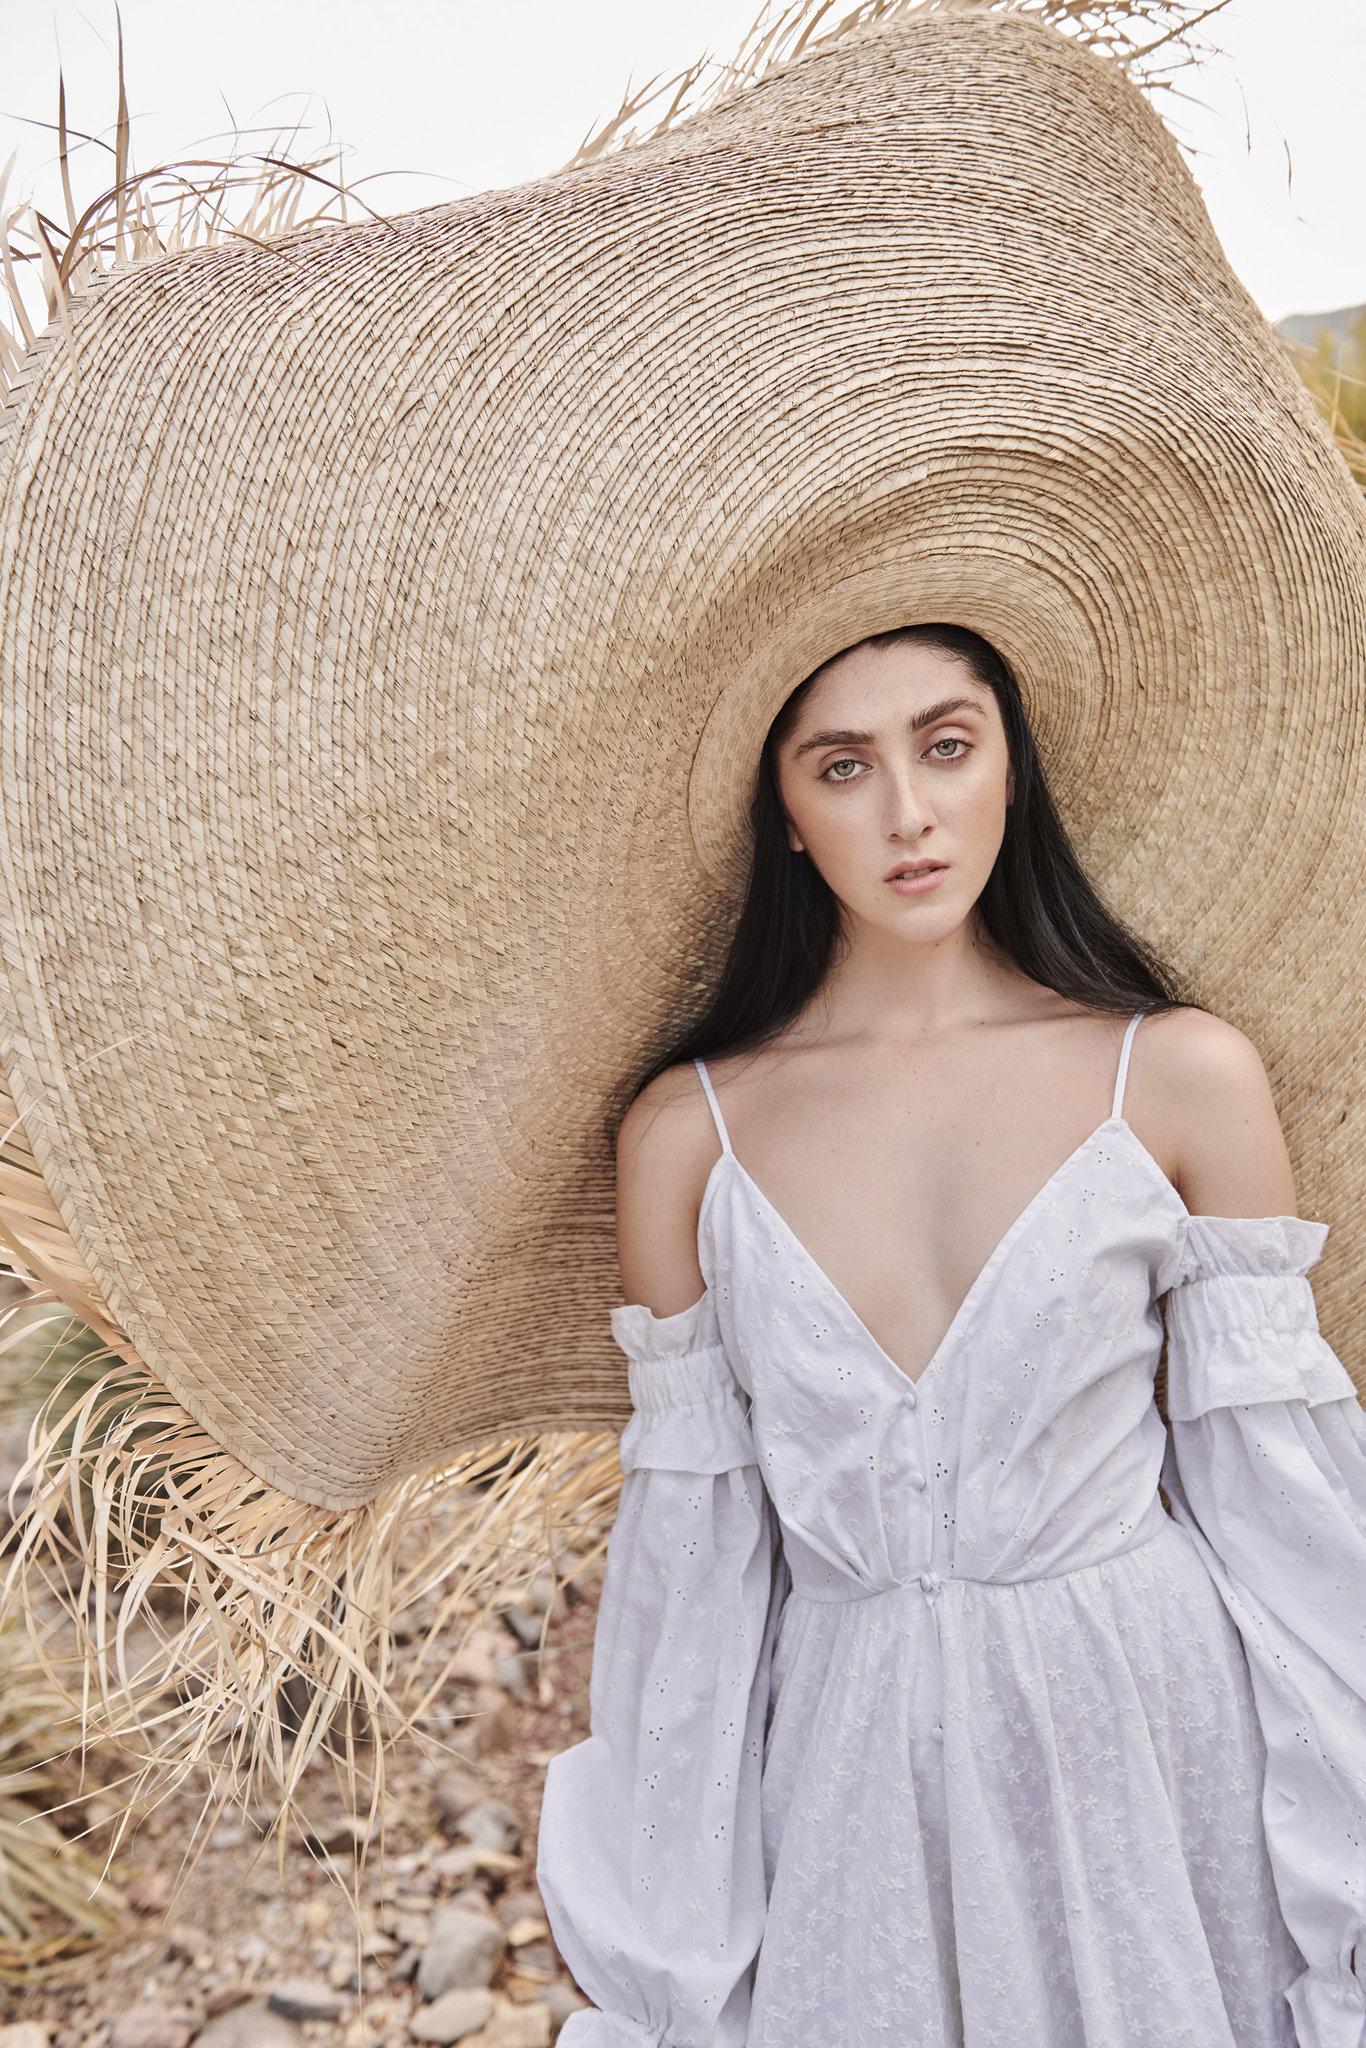 I cappelli sono grandi questa estate. Veramente grandi - Michele ... cf12384cf795